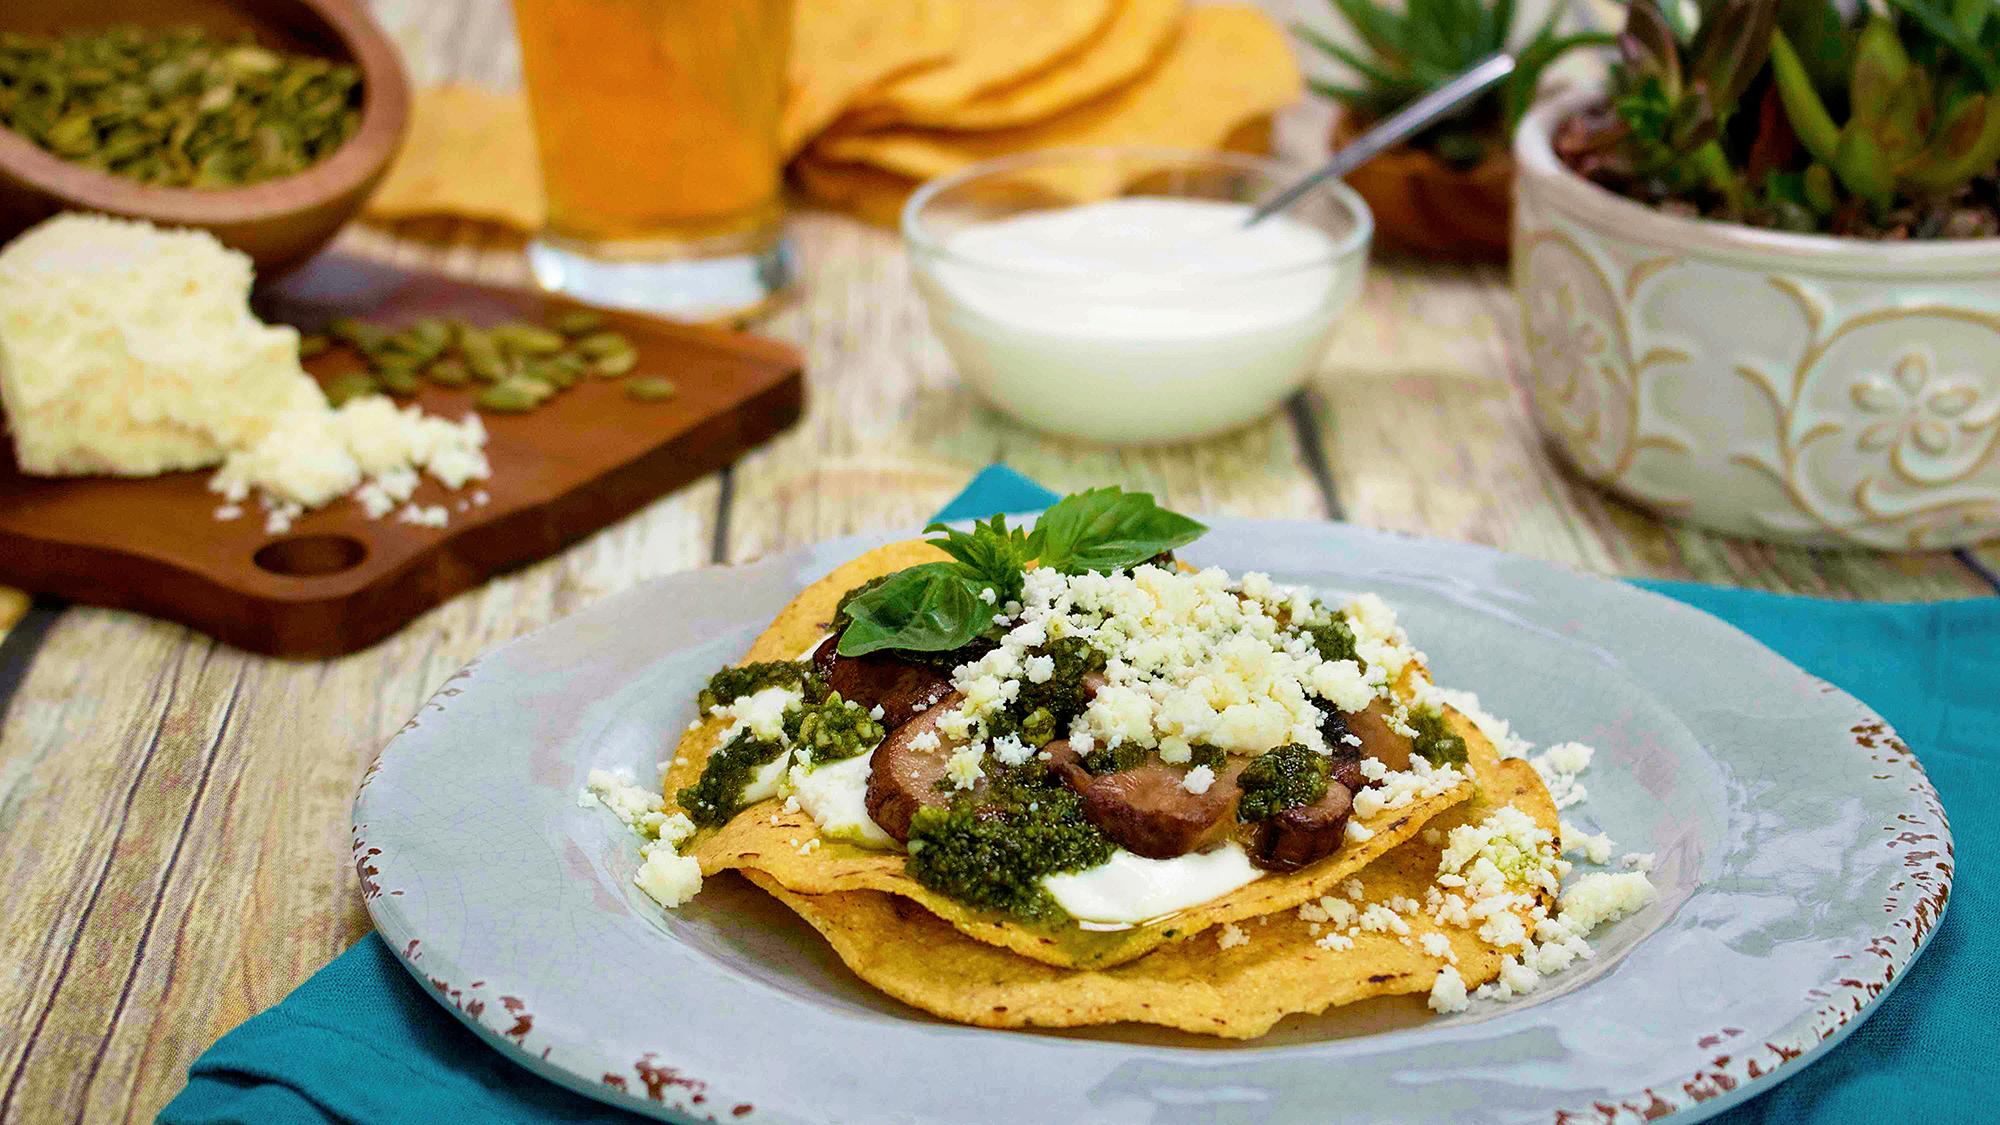 Aaron Sanchez's Wild Mushroom Tostada Recipe